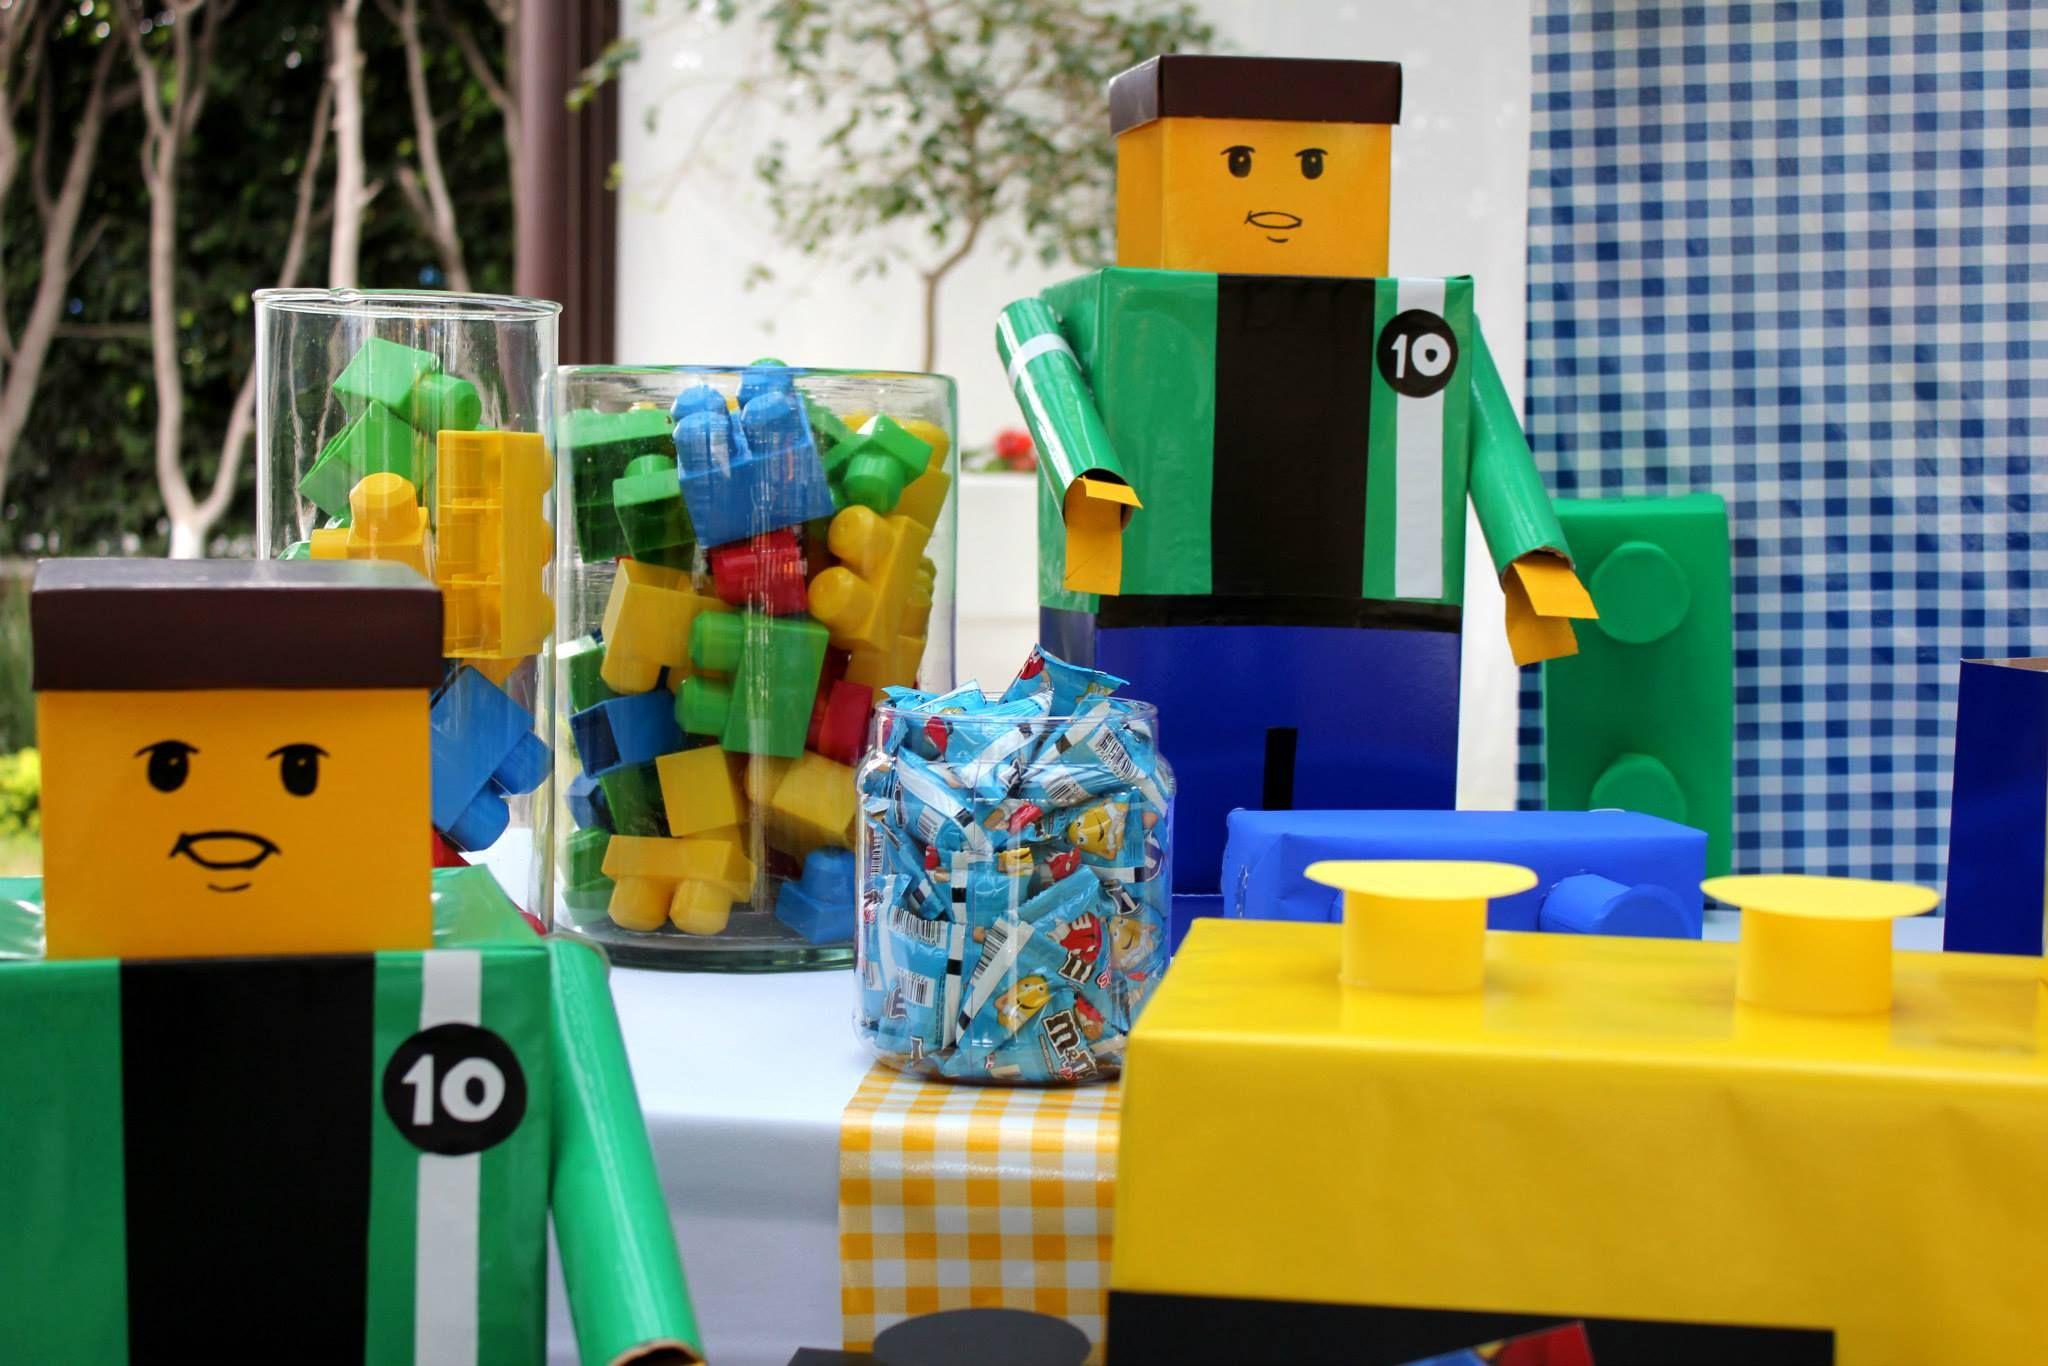 Centros de Mesas originales y personalizados!! contáctanos facebook.com/pmasideco